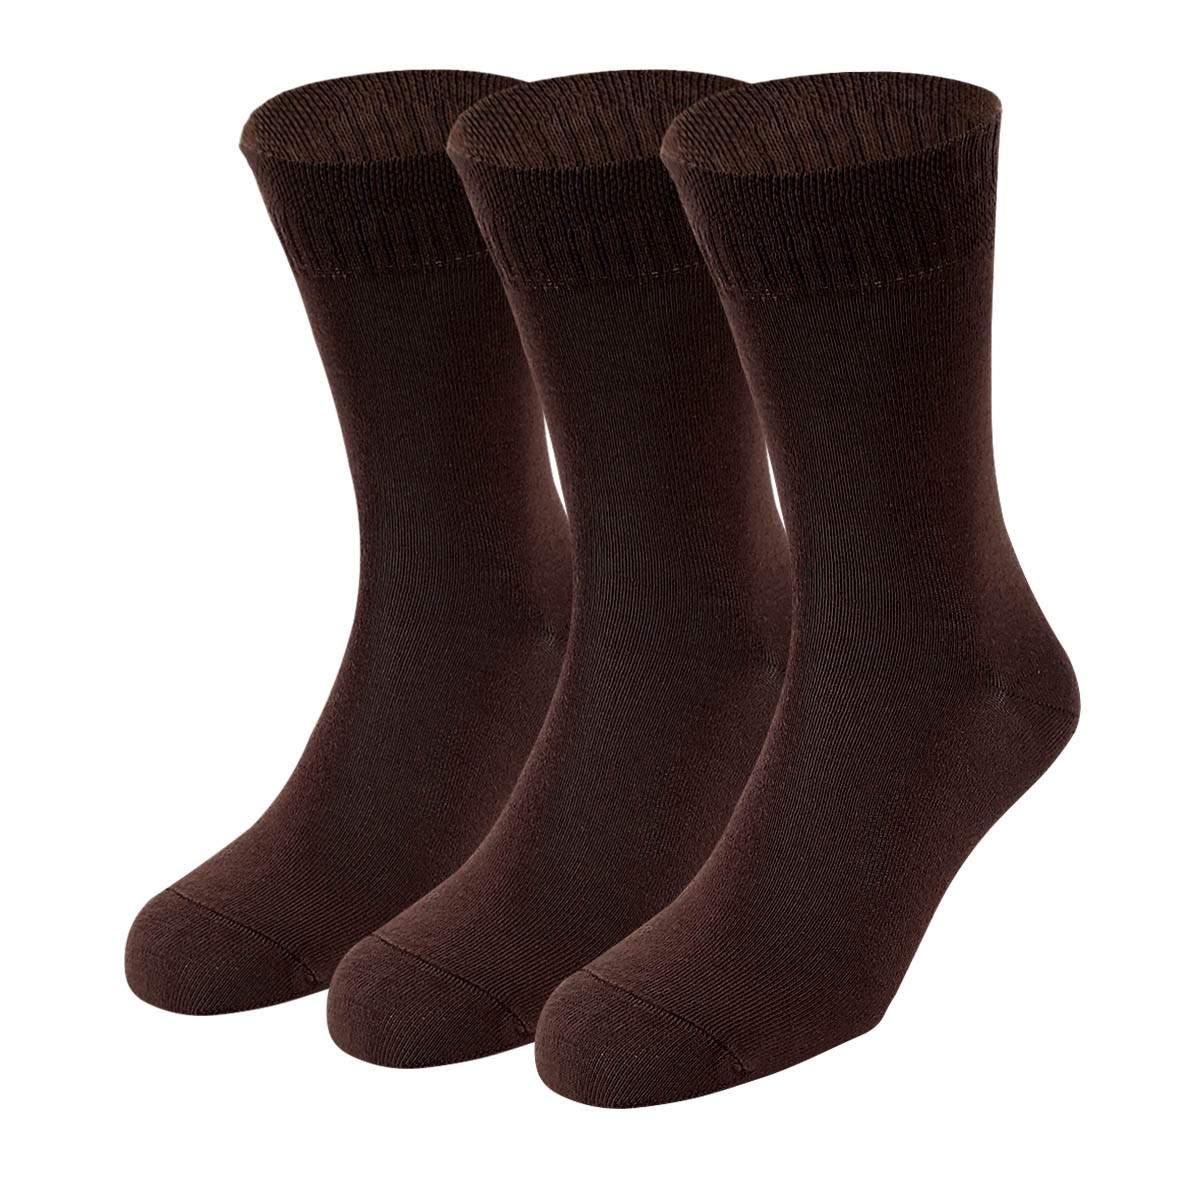 Dressa Elastico gumi nélküli pamut zokni - 3 pár - mizsetaxi.hu